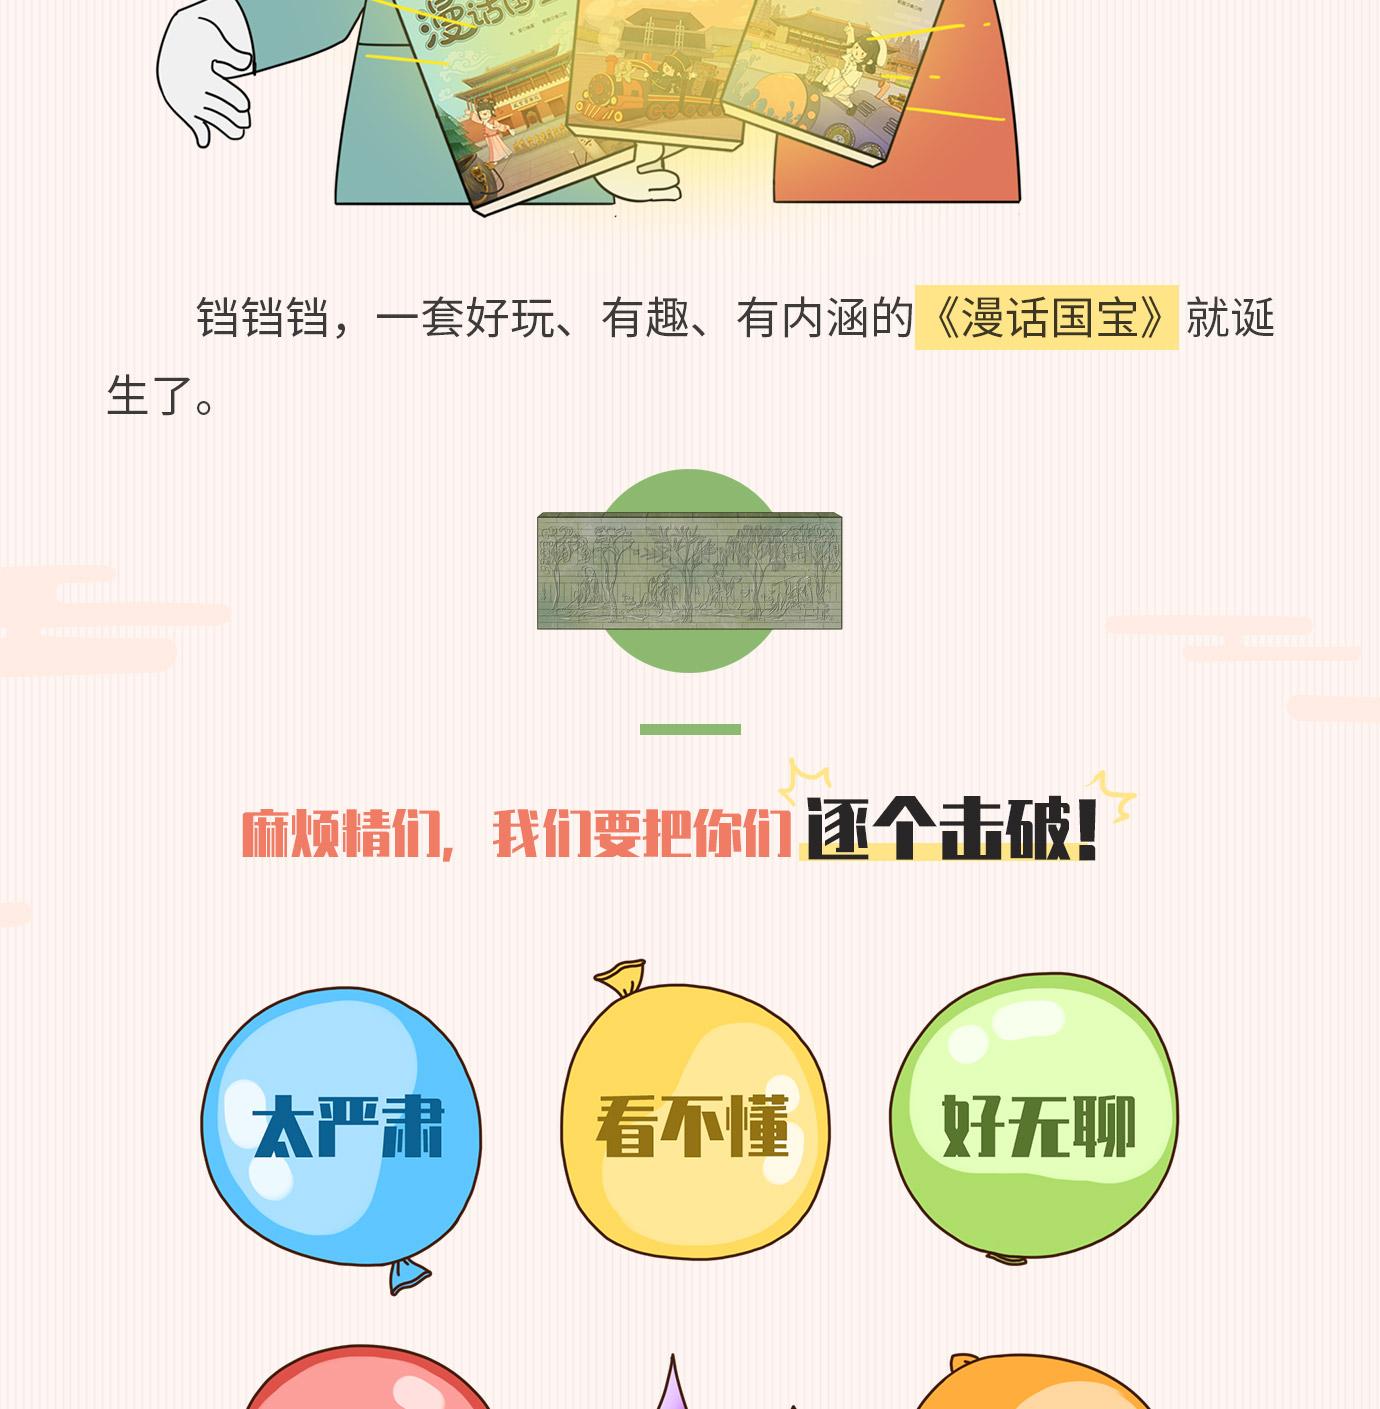 漫话国宝 (16).jpg